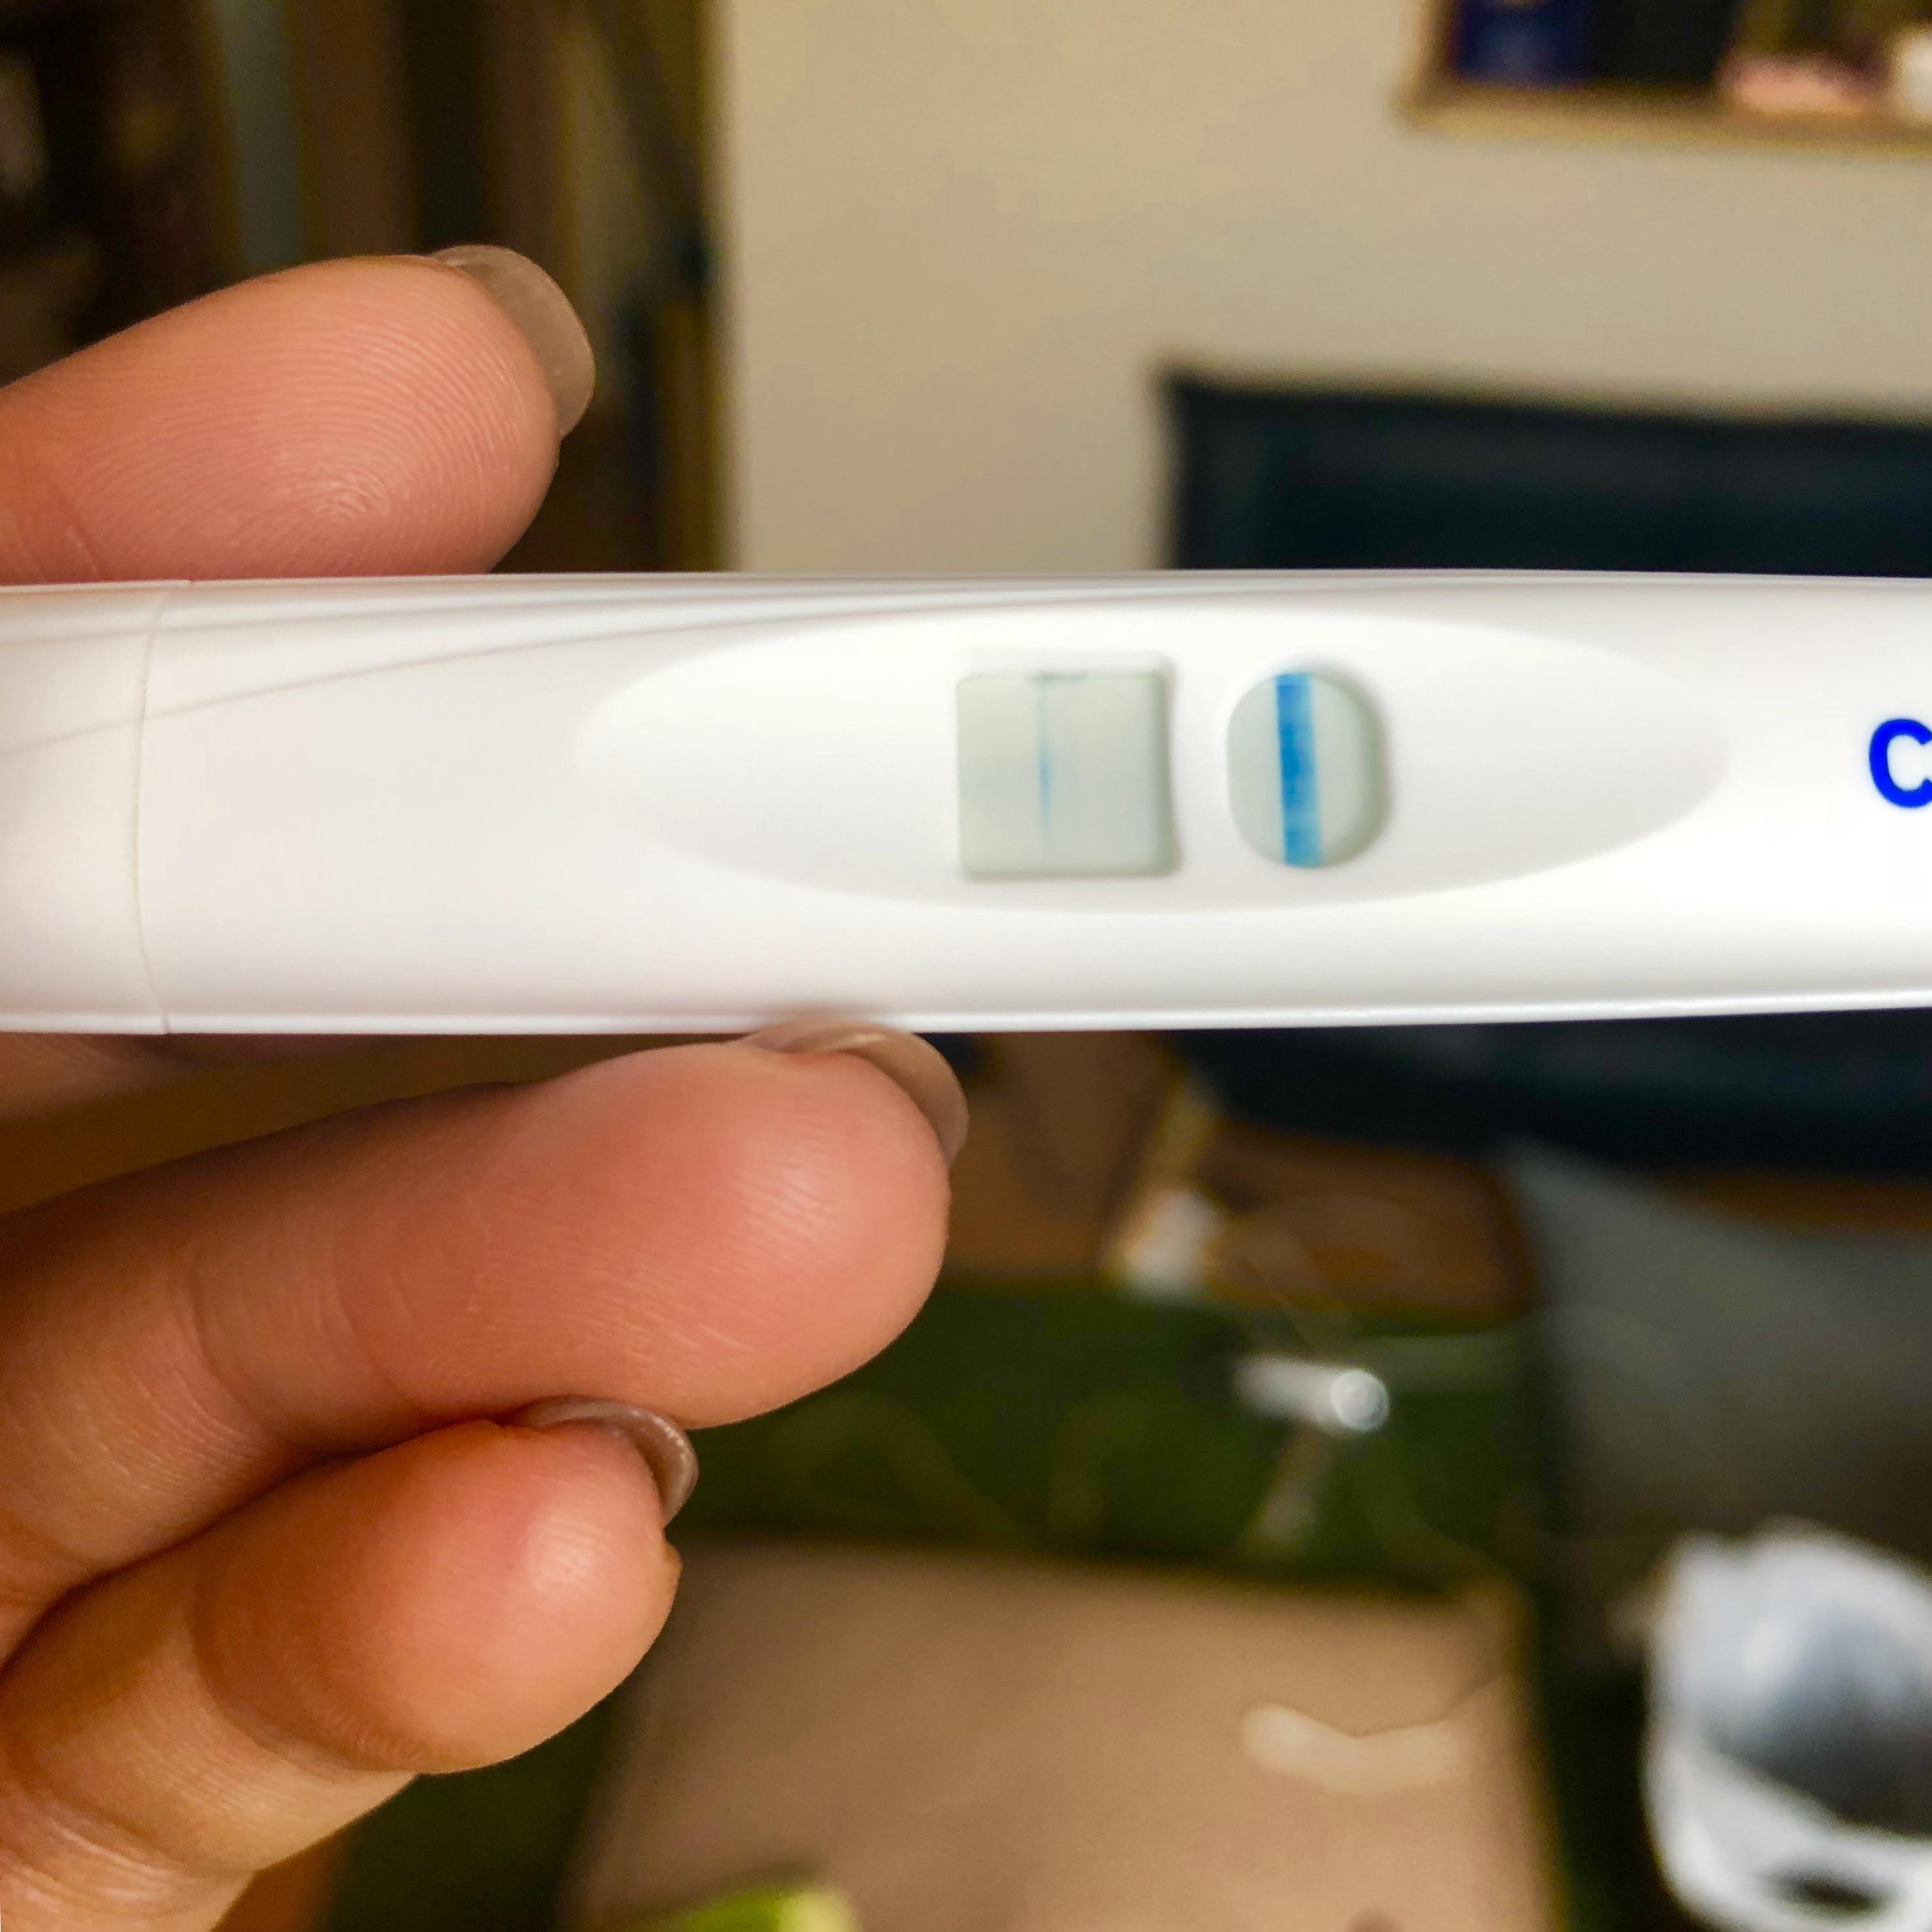 検査 から 陽性 たって 妊娠 薬 時間 が